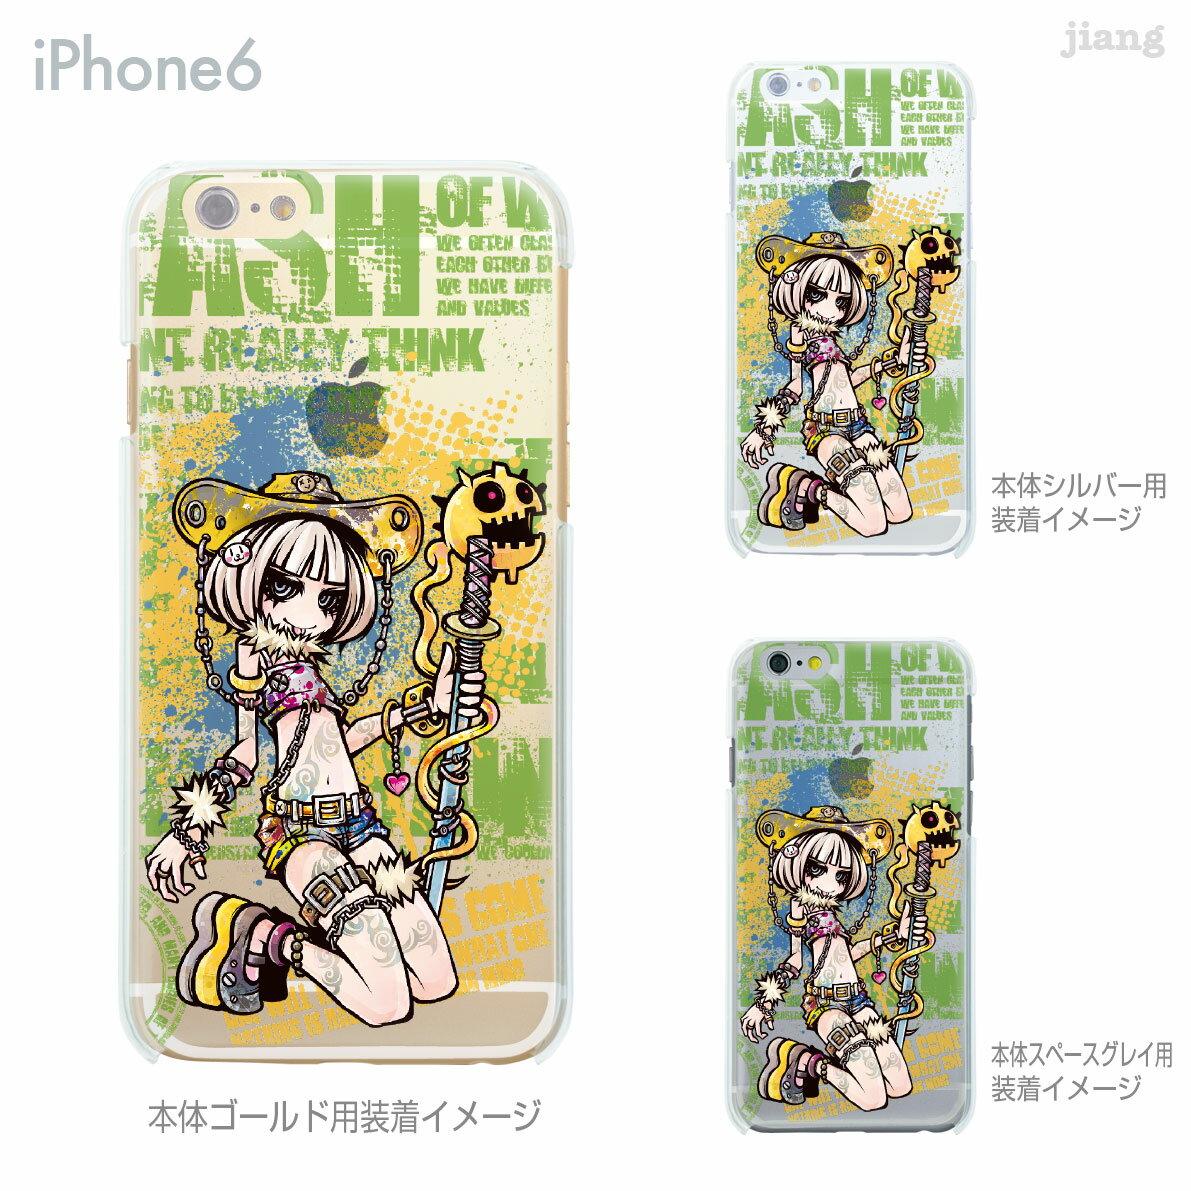 iPhoneX iPhone X ケース iPhone8 iPhone7ケース iPhone7 Plus iPhone6s iPhone6 Plus iphone ハードケース Clear Arts ケース カバー スマホケース クリアケース Project.C.K. KILL THE KING 11-ip6-ca0006-s